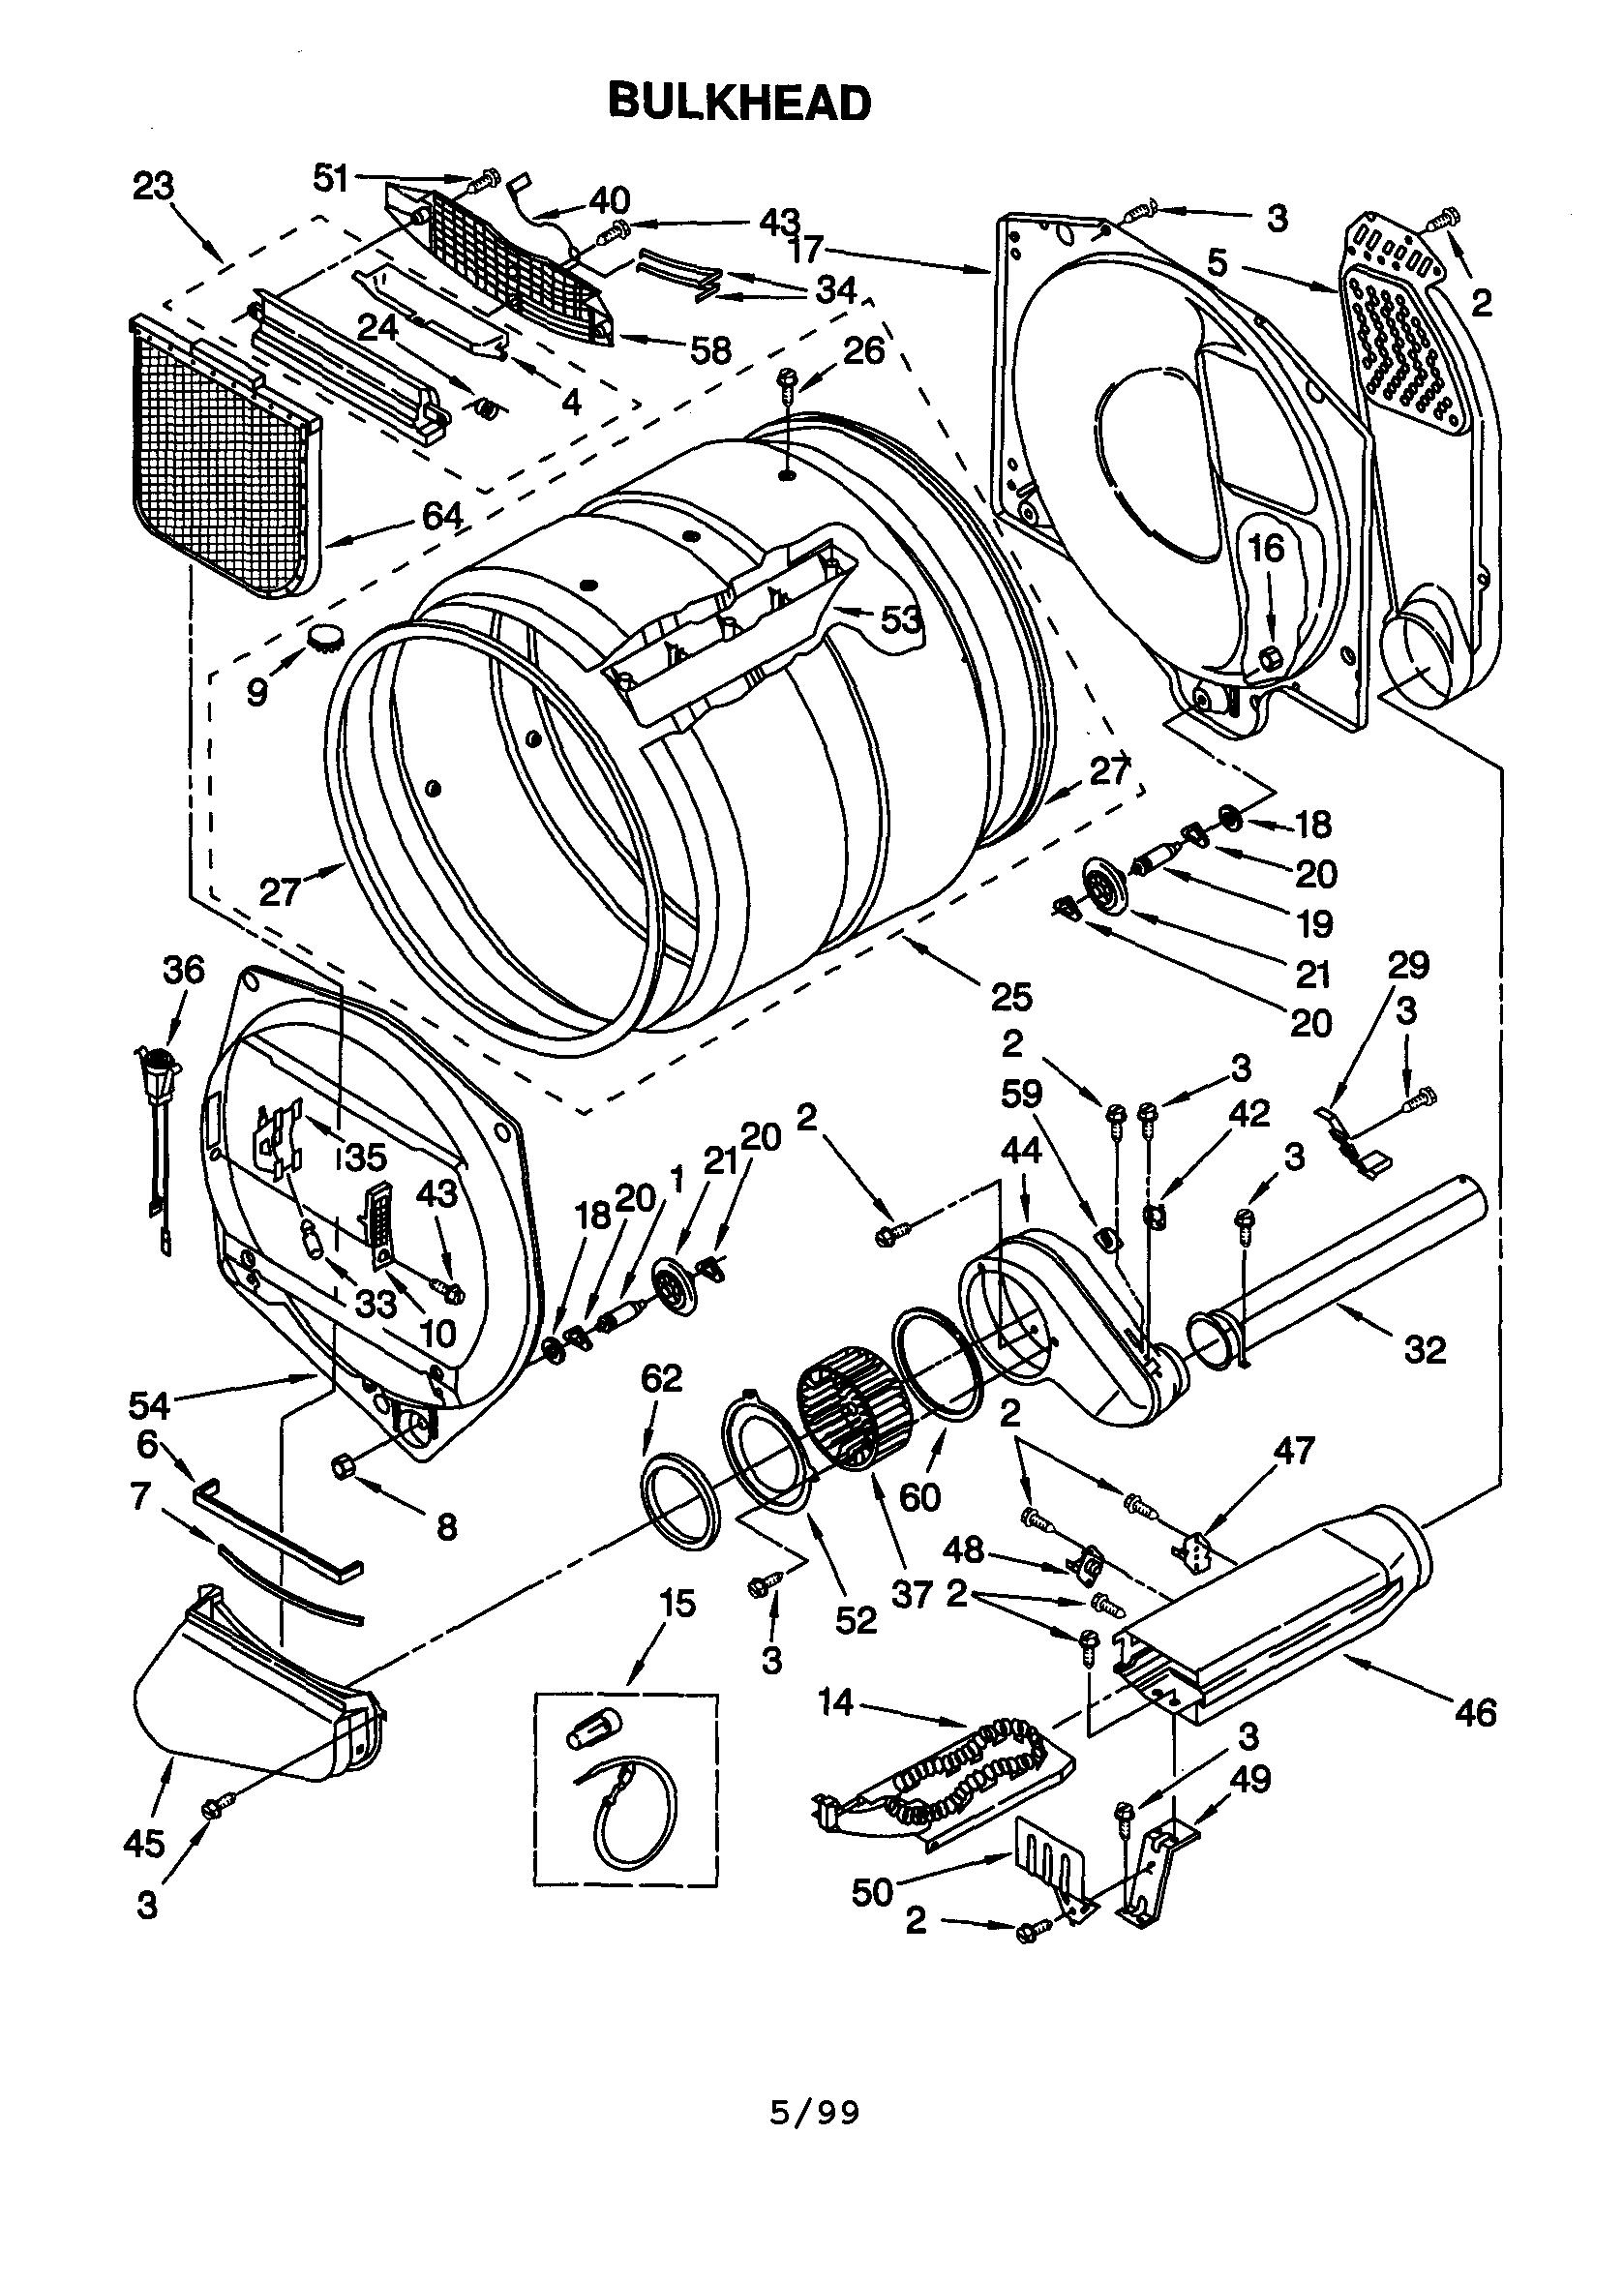 Kenmore 90 Series Model 110 Parts Diagram